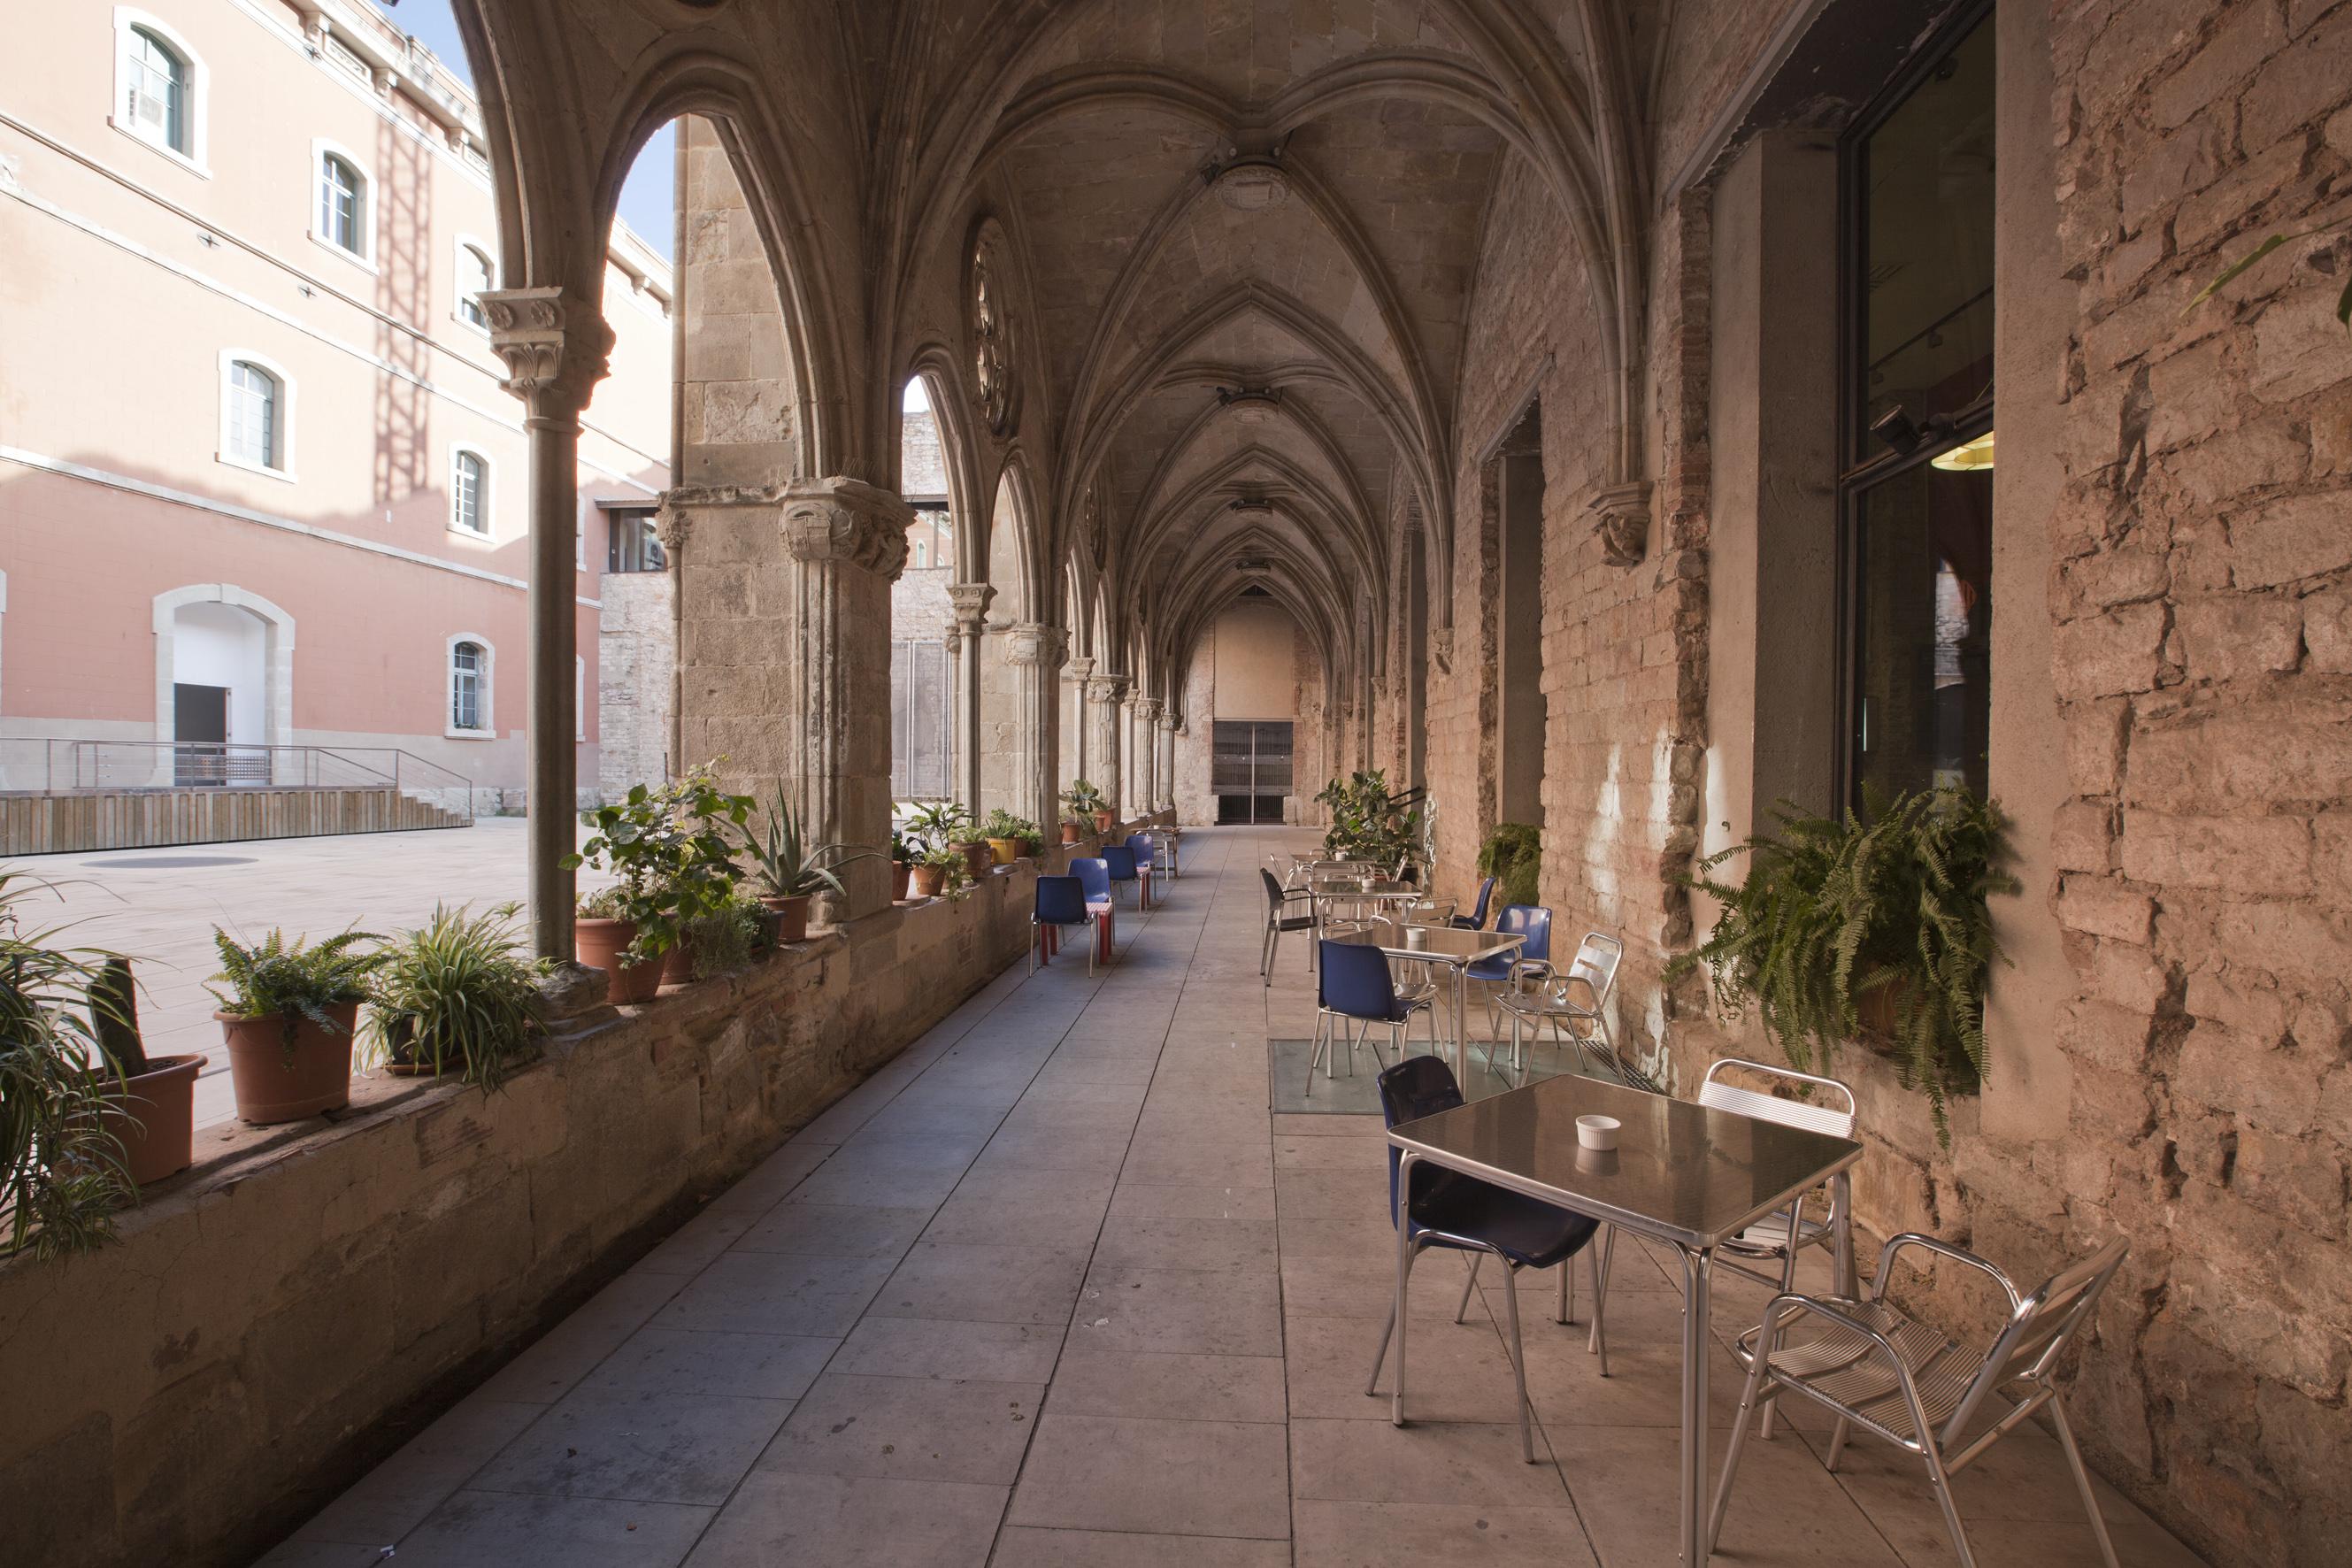 Imatge dels porxos laterals del claustre del Convent i les taules del bar del Convent. Fotografia realitzada per Mireia Plans.